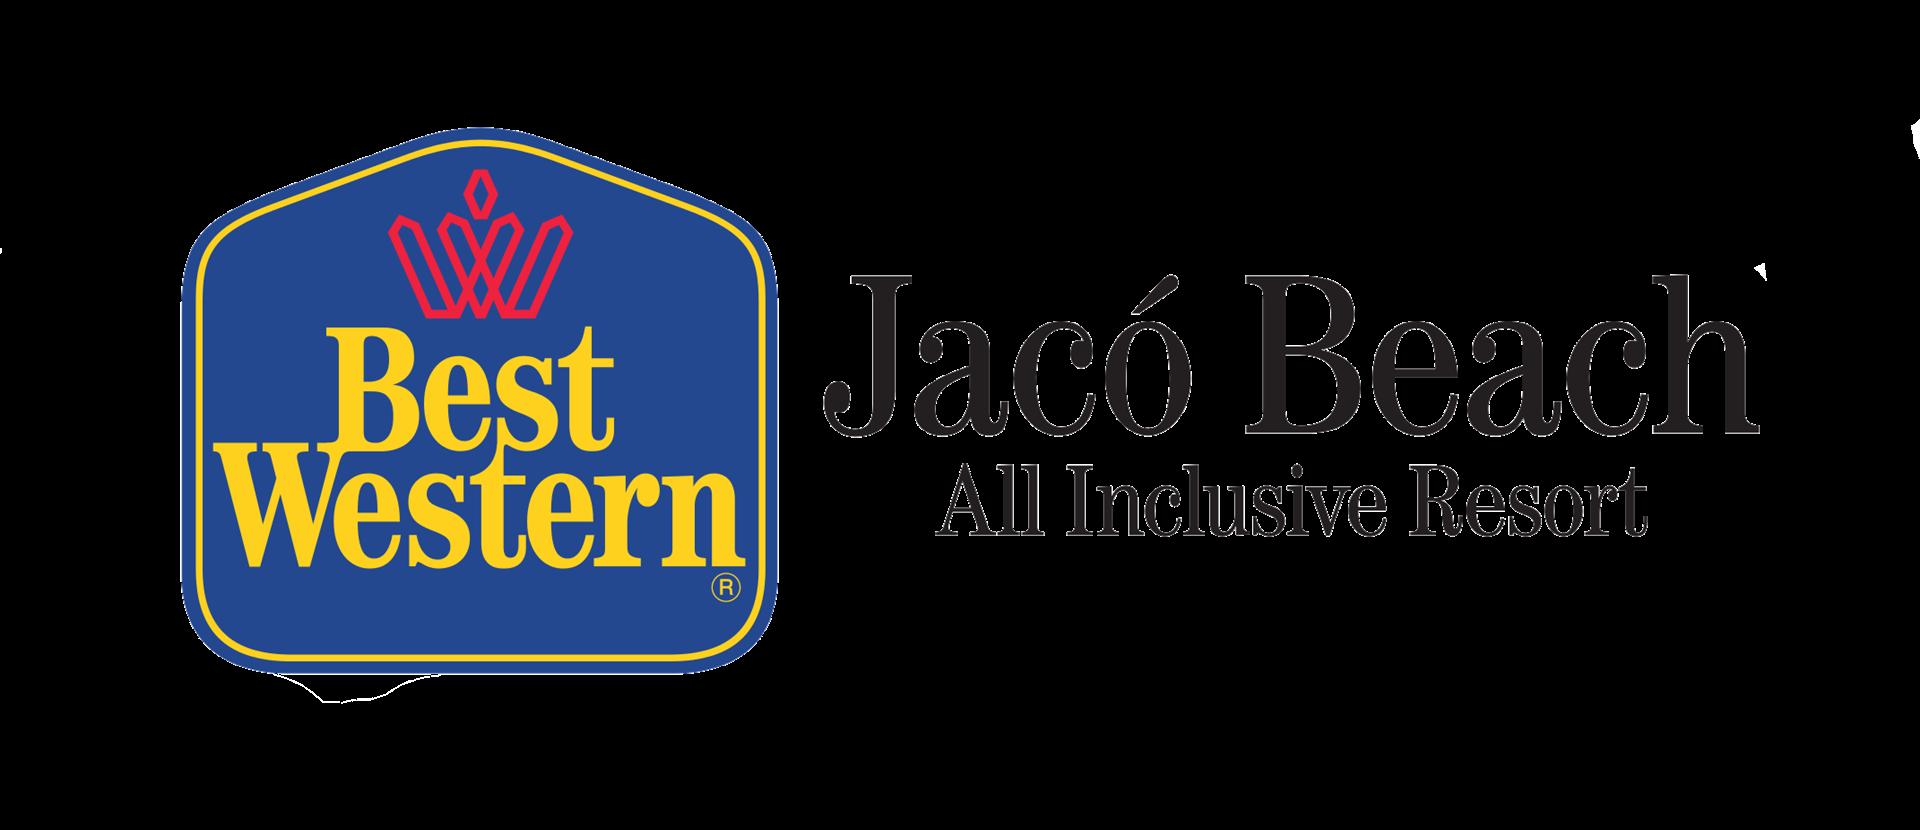 Hotel Best Western Jaco Beach In Costa Rica Jaco Beach Best Western Costa Rica Hotel